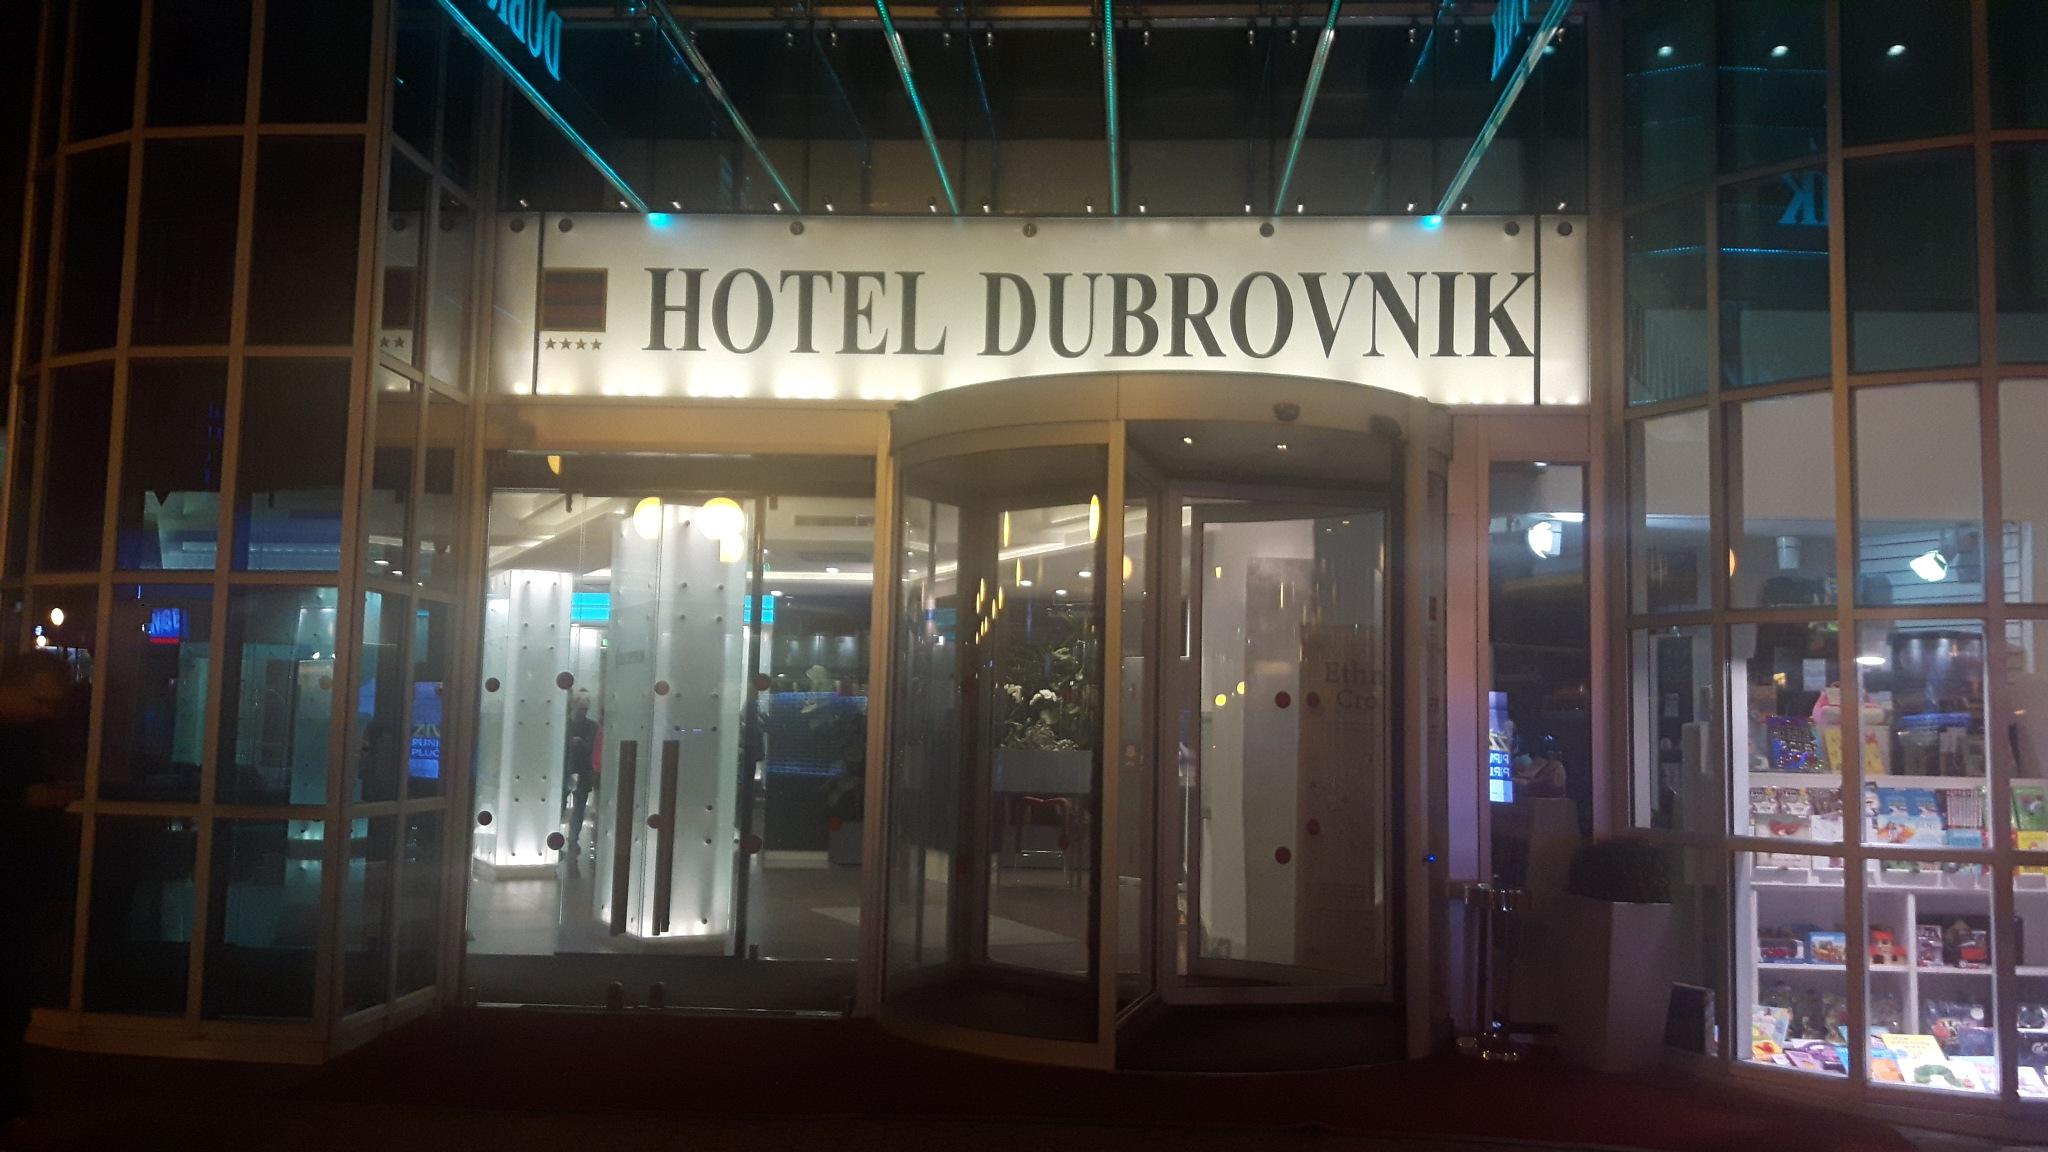 Enterance to hotel Dubrovnik in Zagreb by Mevludin_Hasanovic